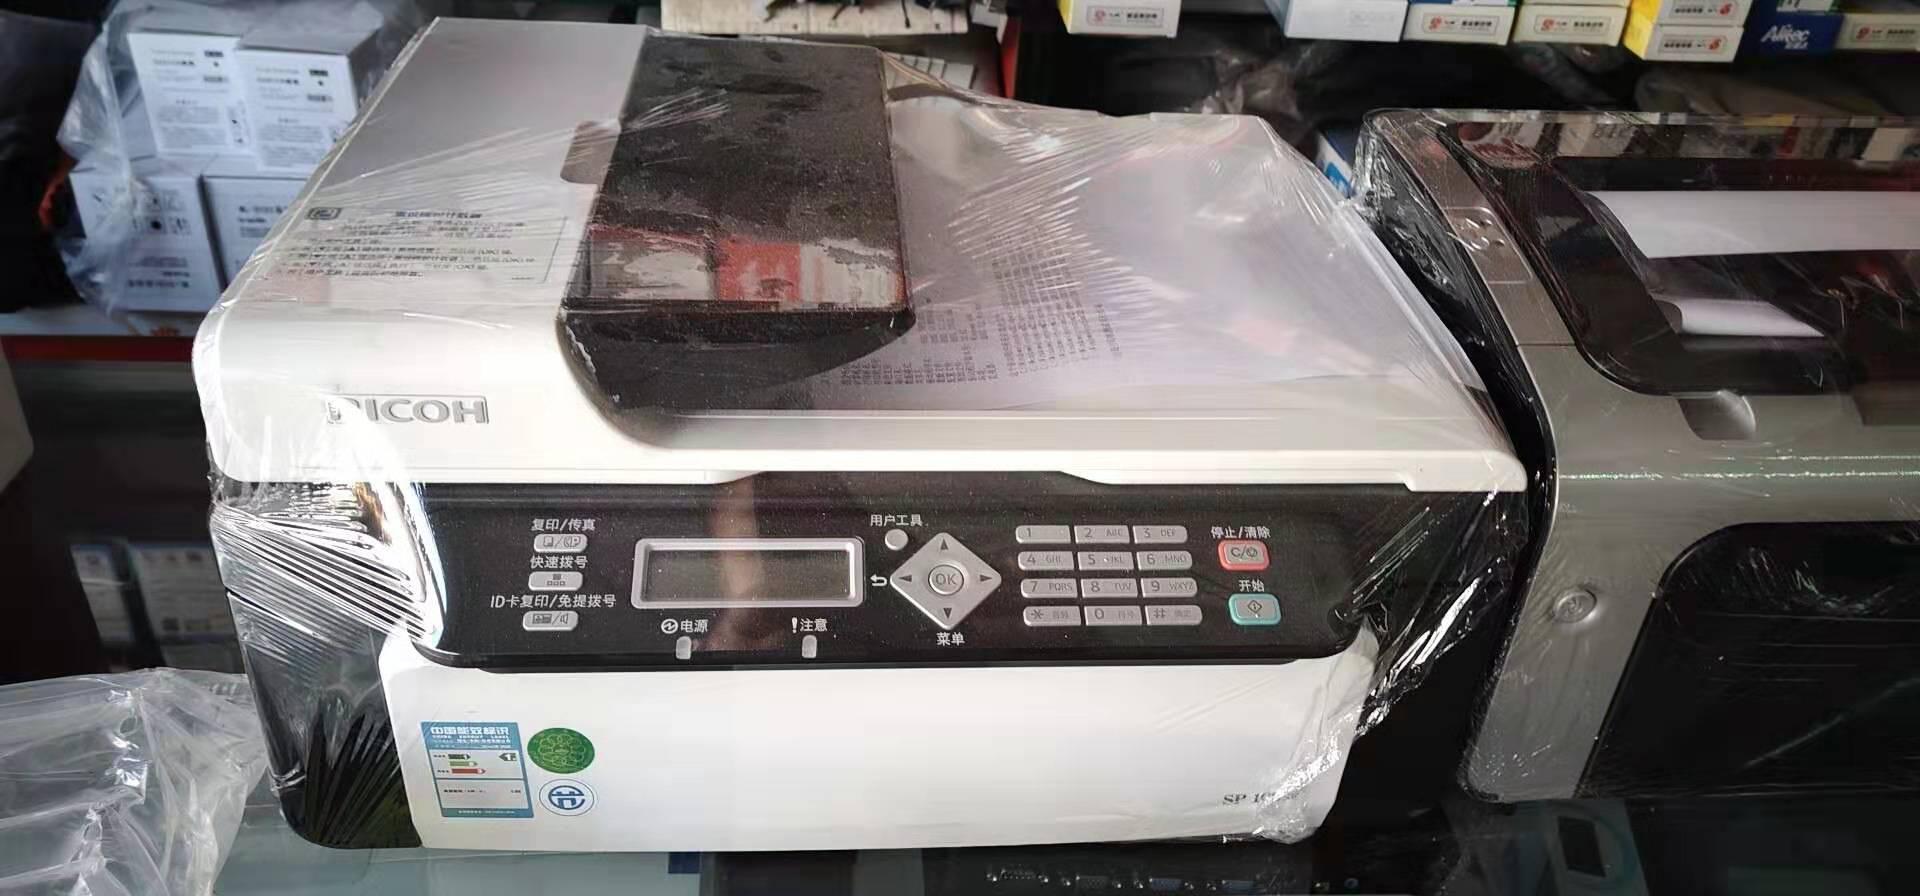 昆明电脑批发各类电脑产品以及周边产品